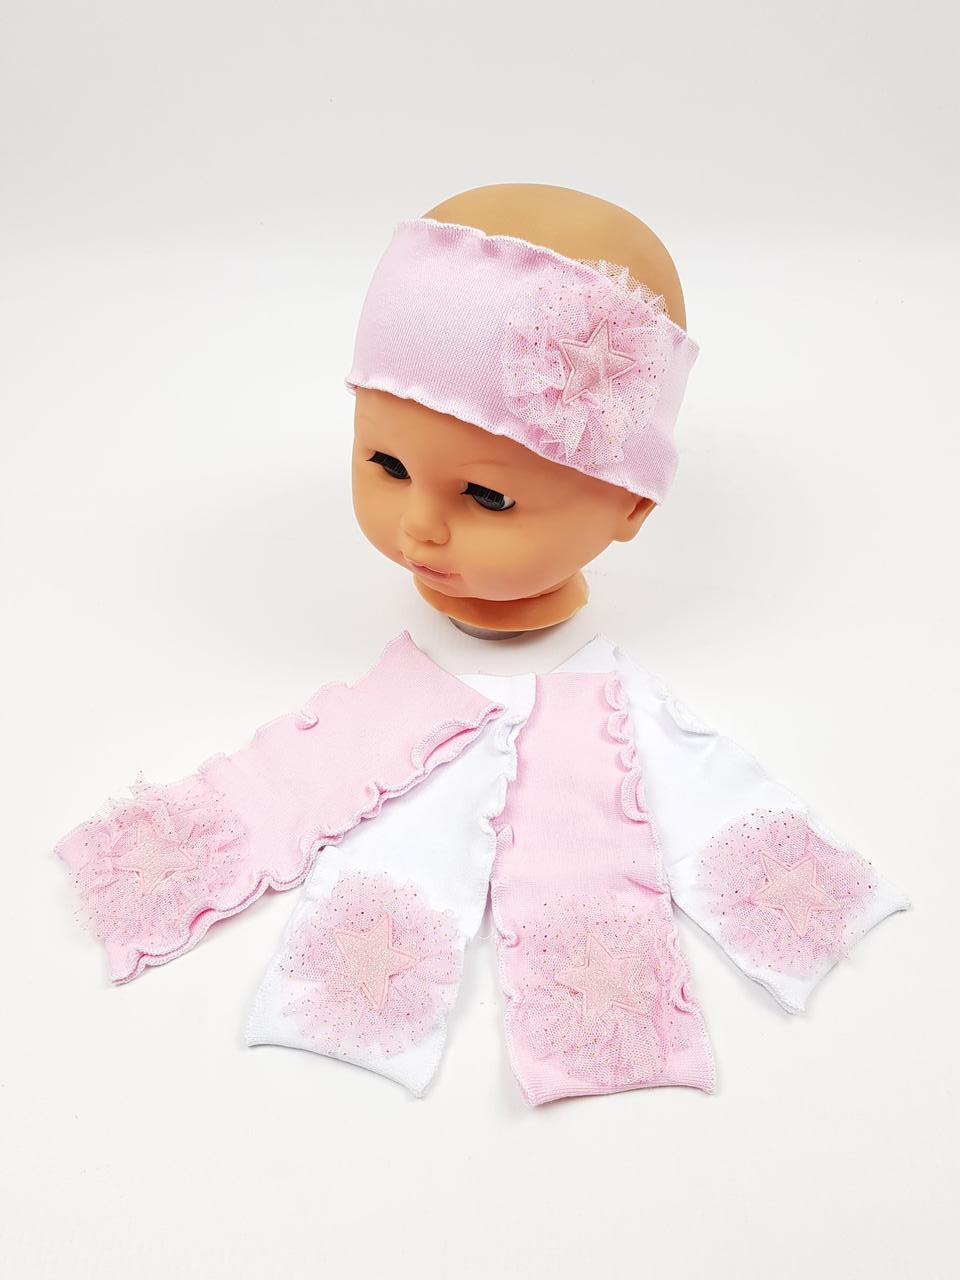 Пов'язки на голову дитячі для дівчаток оптом, Польща (Ala Baby)